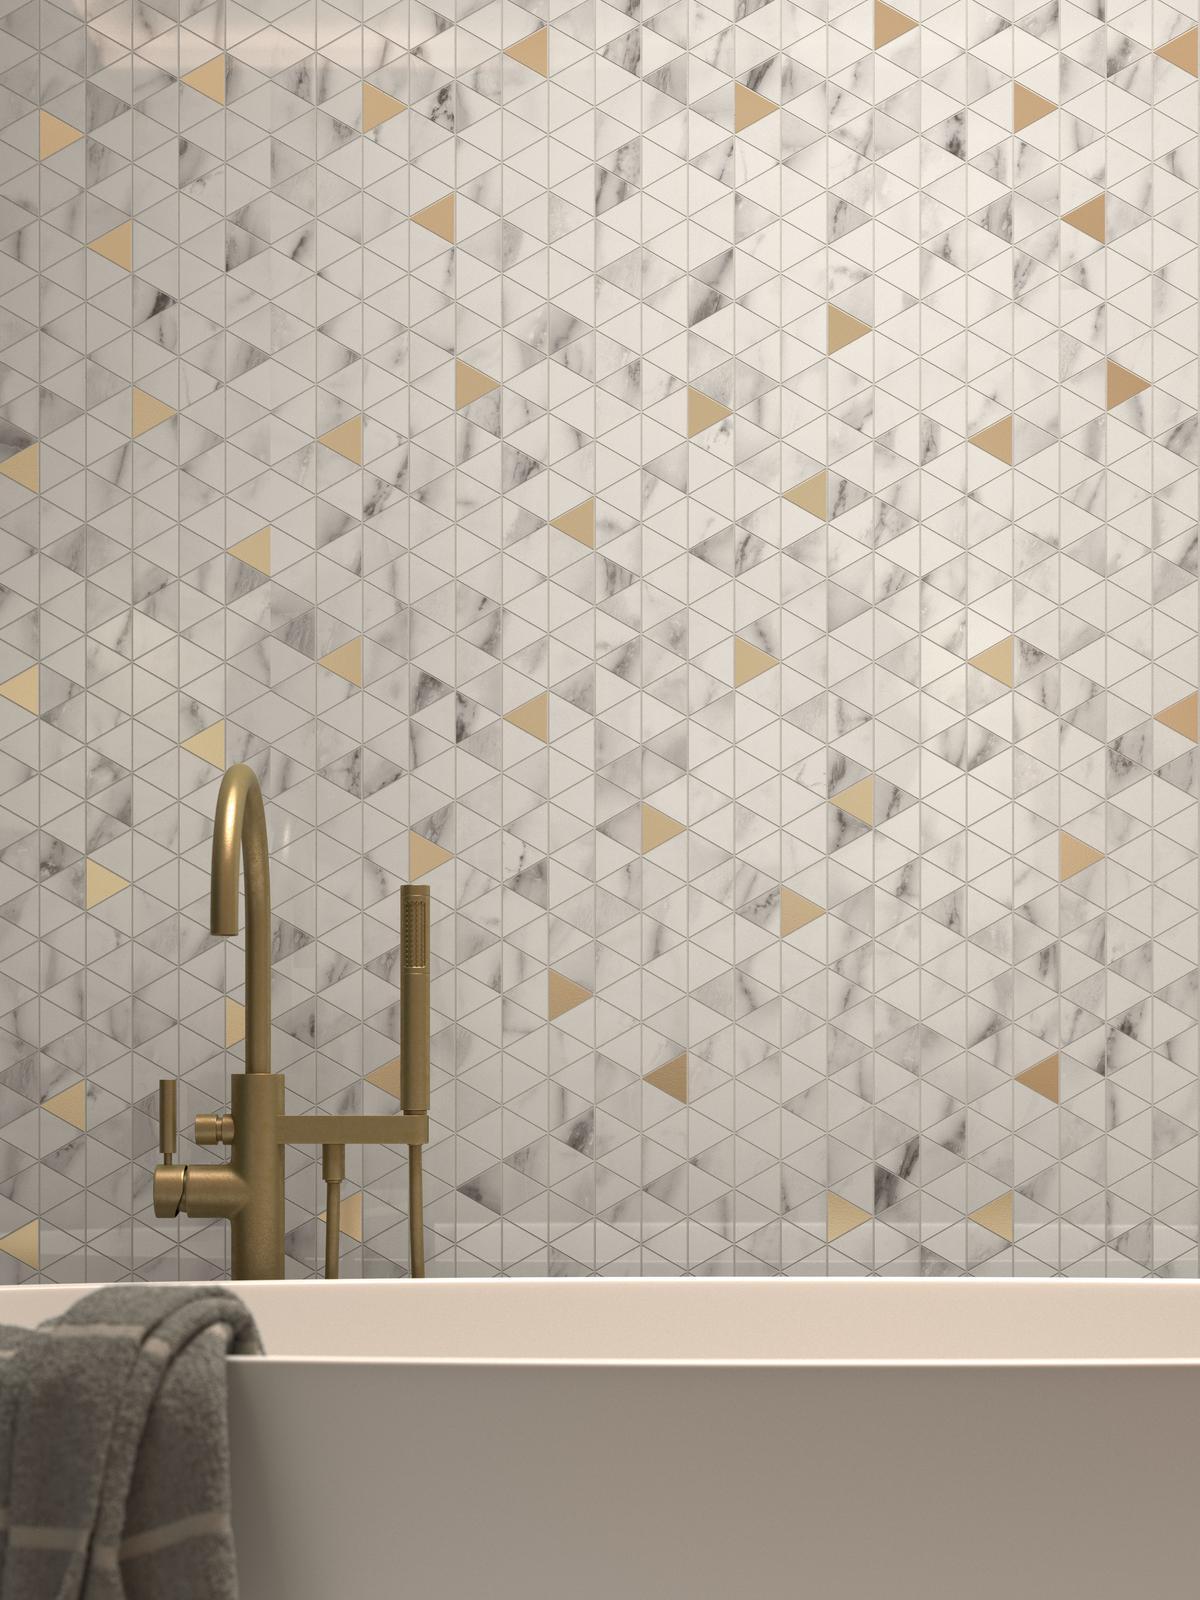 Luxusné kúpeľne / MARBLE elegancia mramoru - Obrázok č. 37